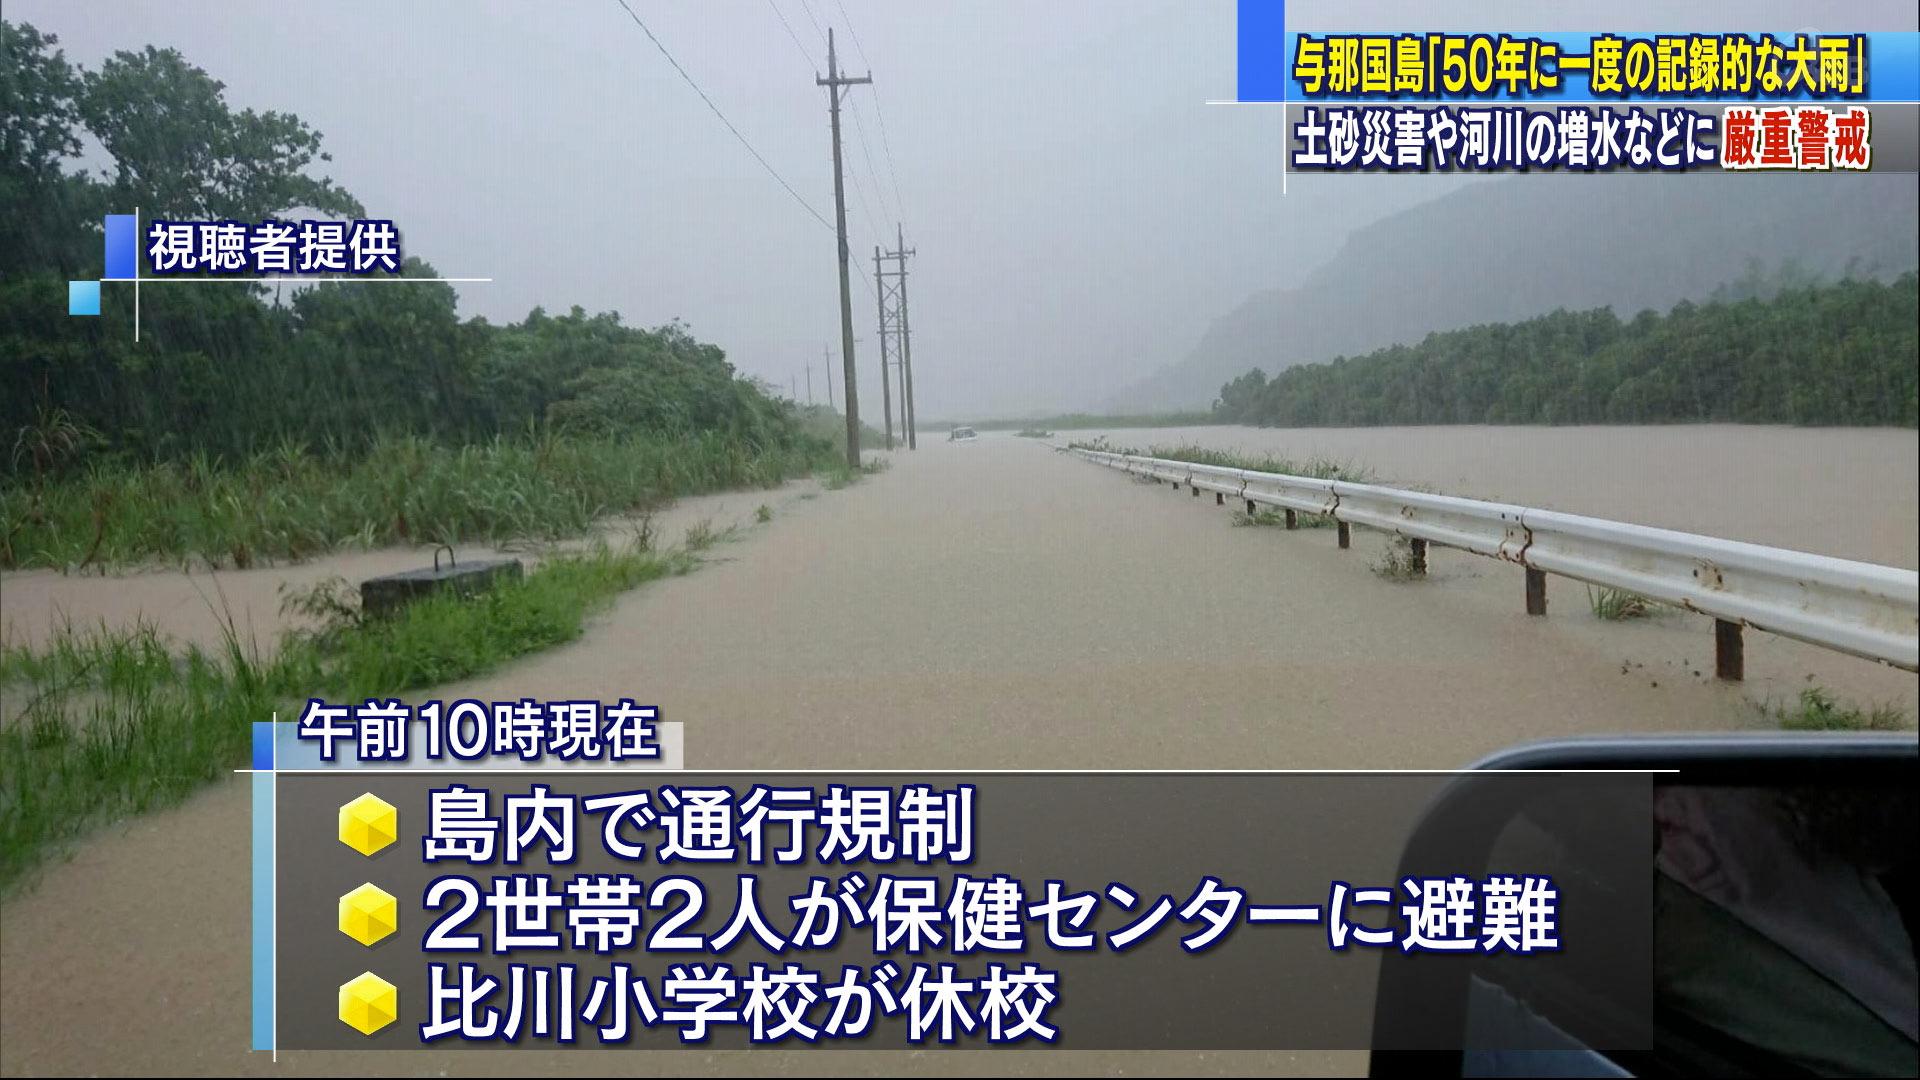 与那国島で50年に1度の大雨